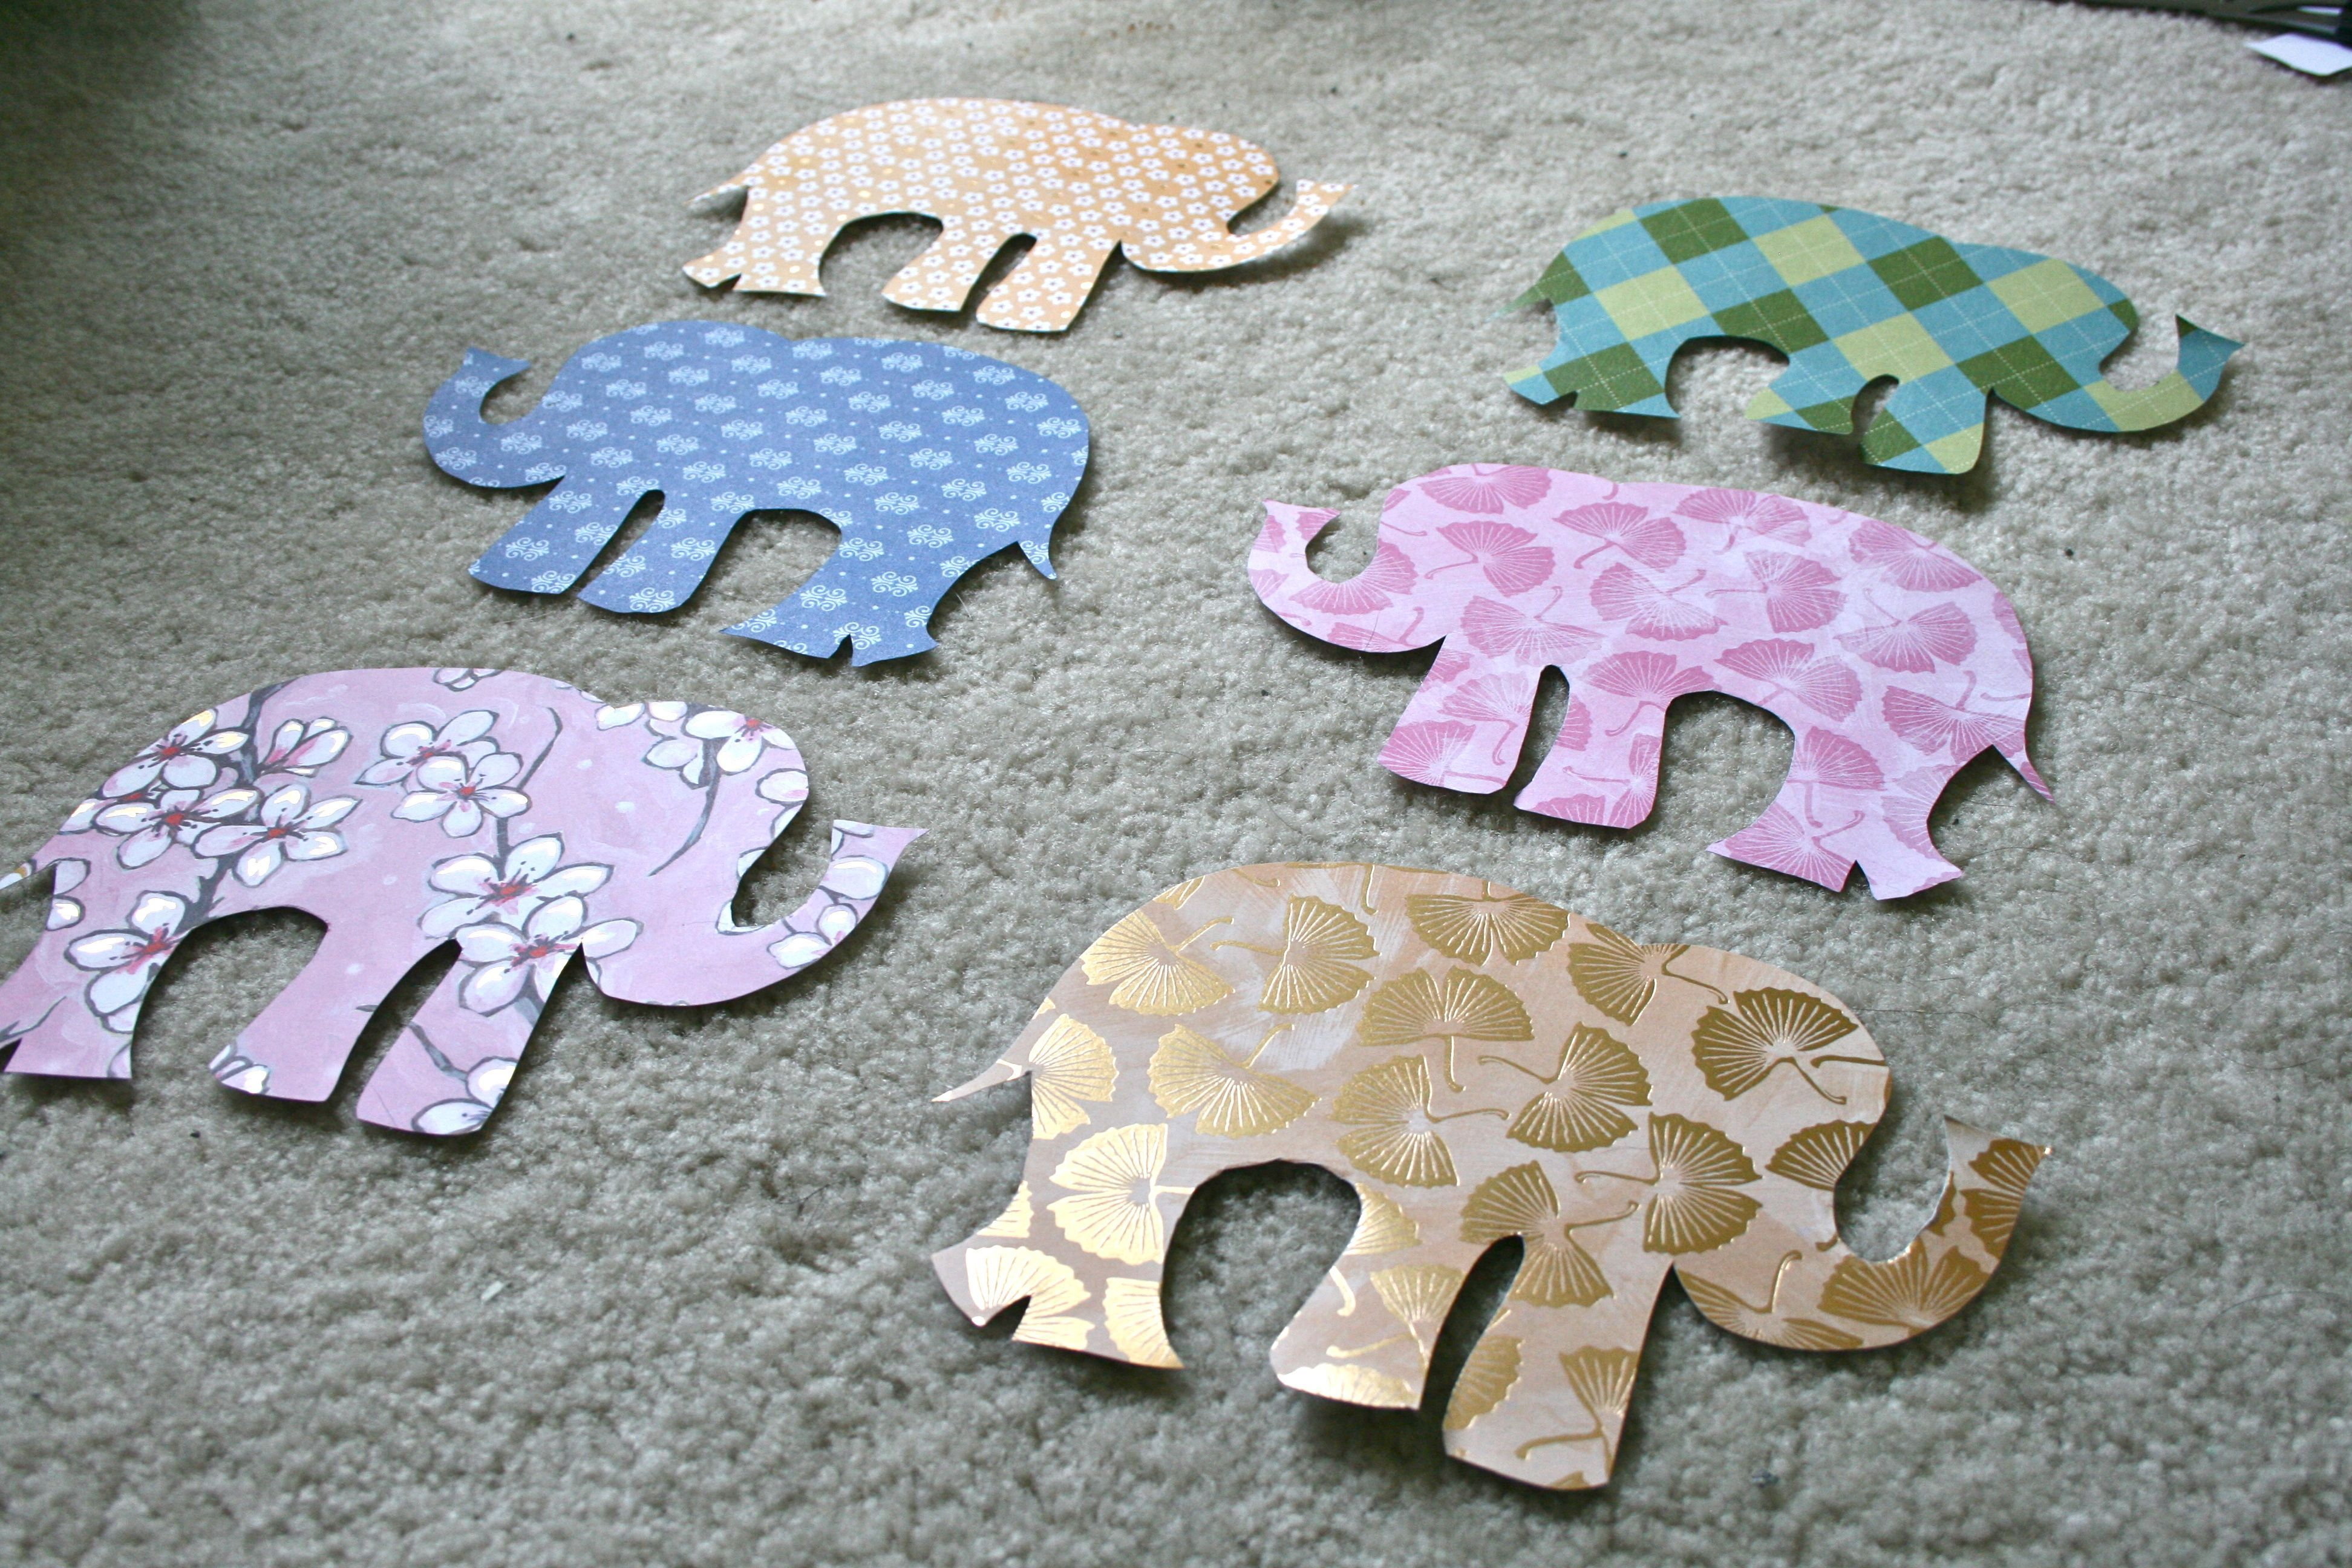 Pinspiration Monday: Elephant wall art | Pinterest | Garlands ...